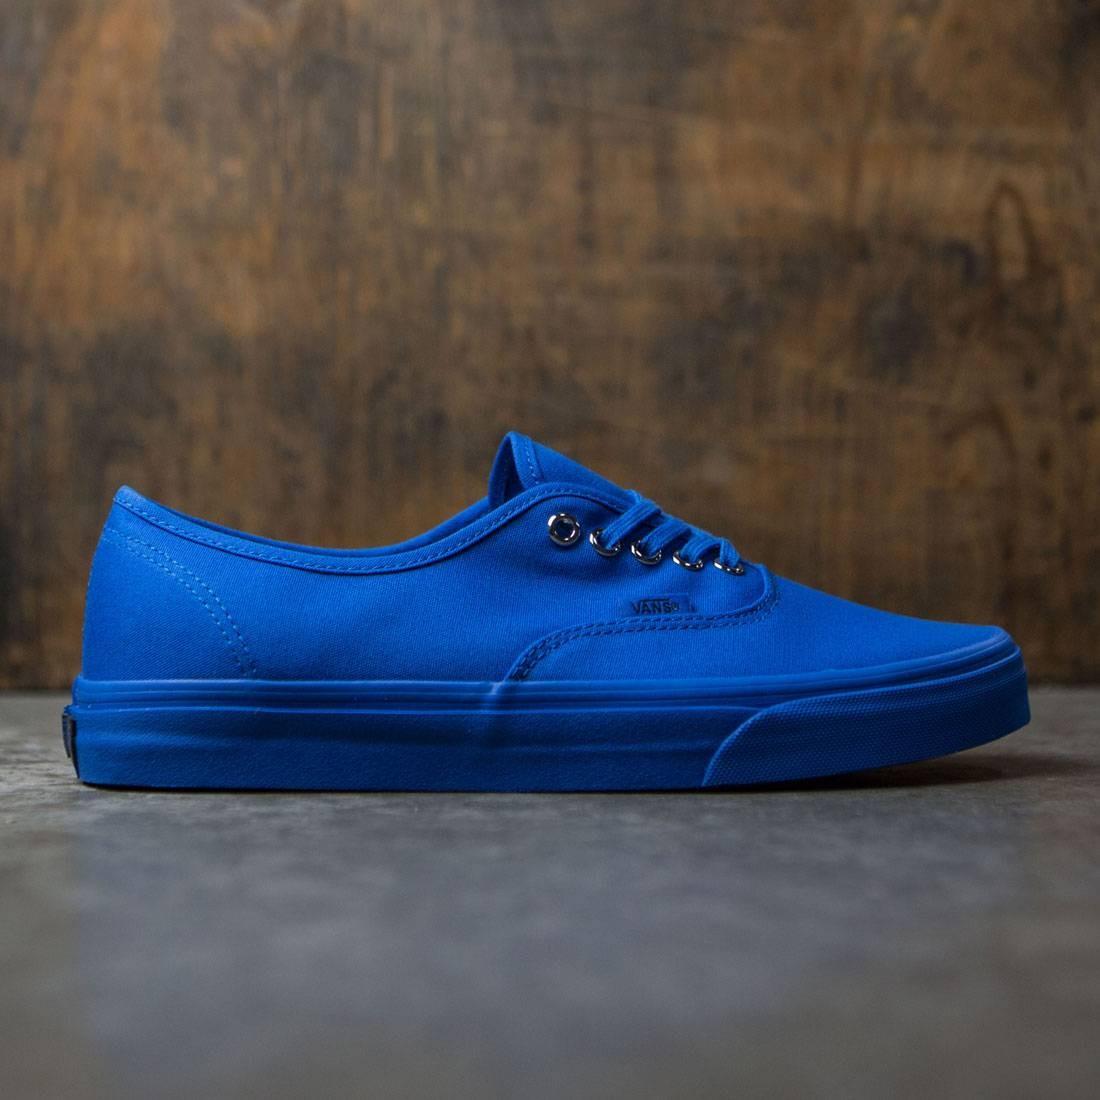 034a70d046 Vans Men Authentic - Primary Mono blue imperial silver